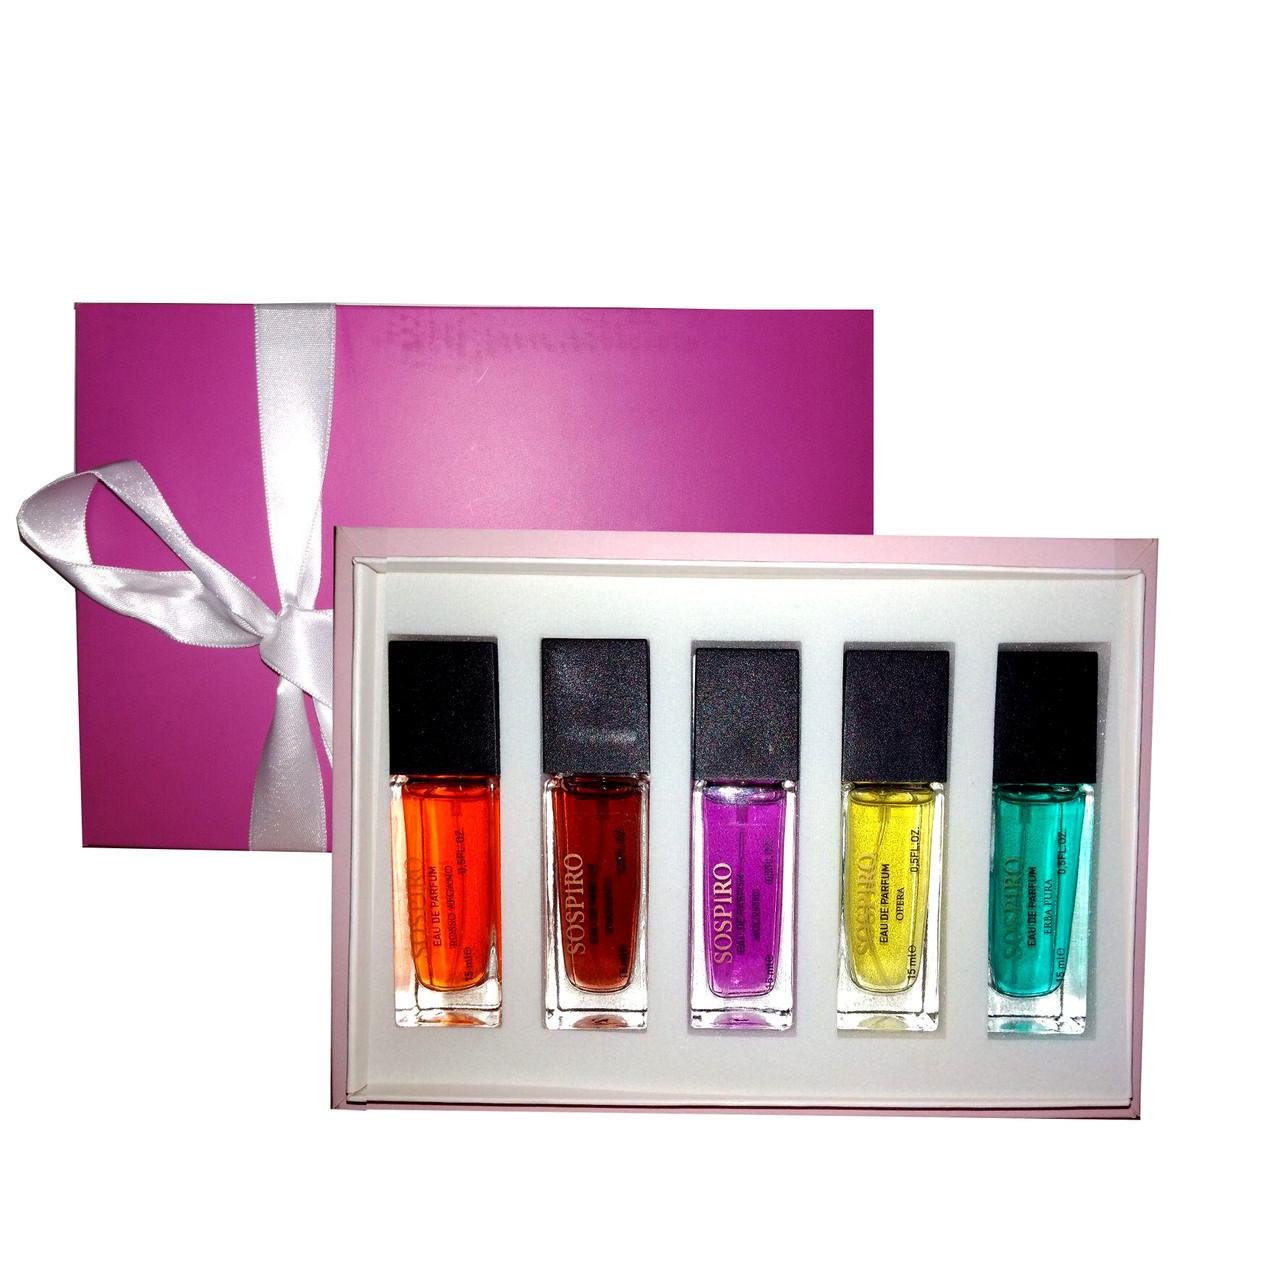 Подарочный набор мини-парфюмов Sospiro unisex 5 по 15 мл